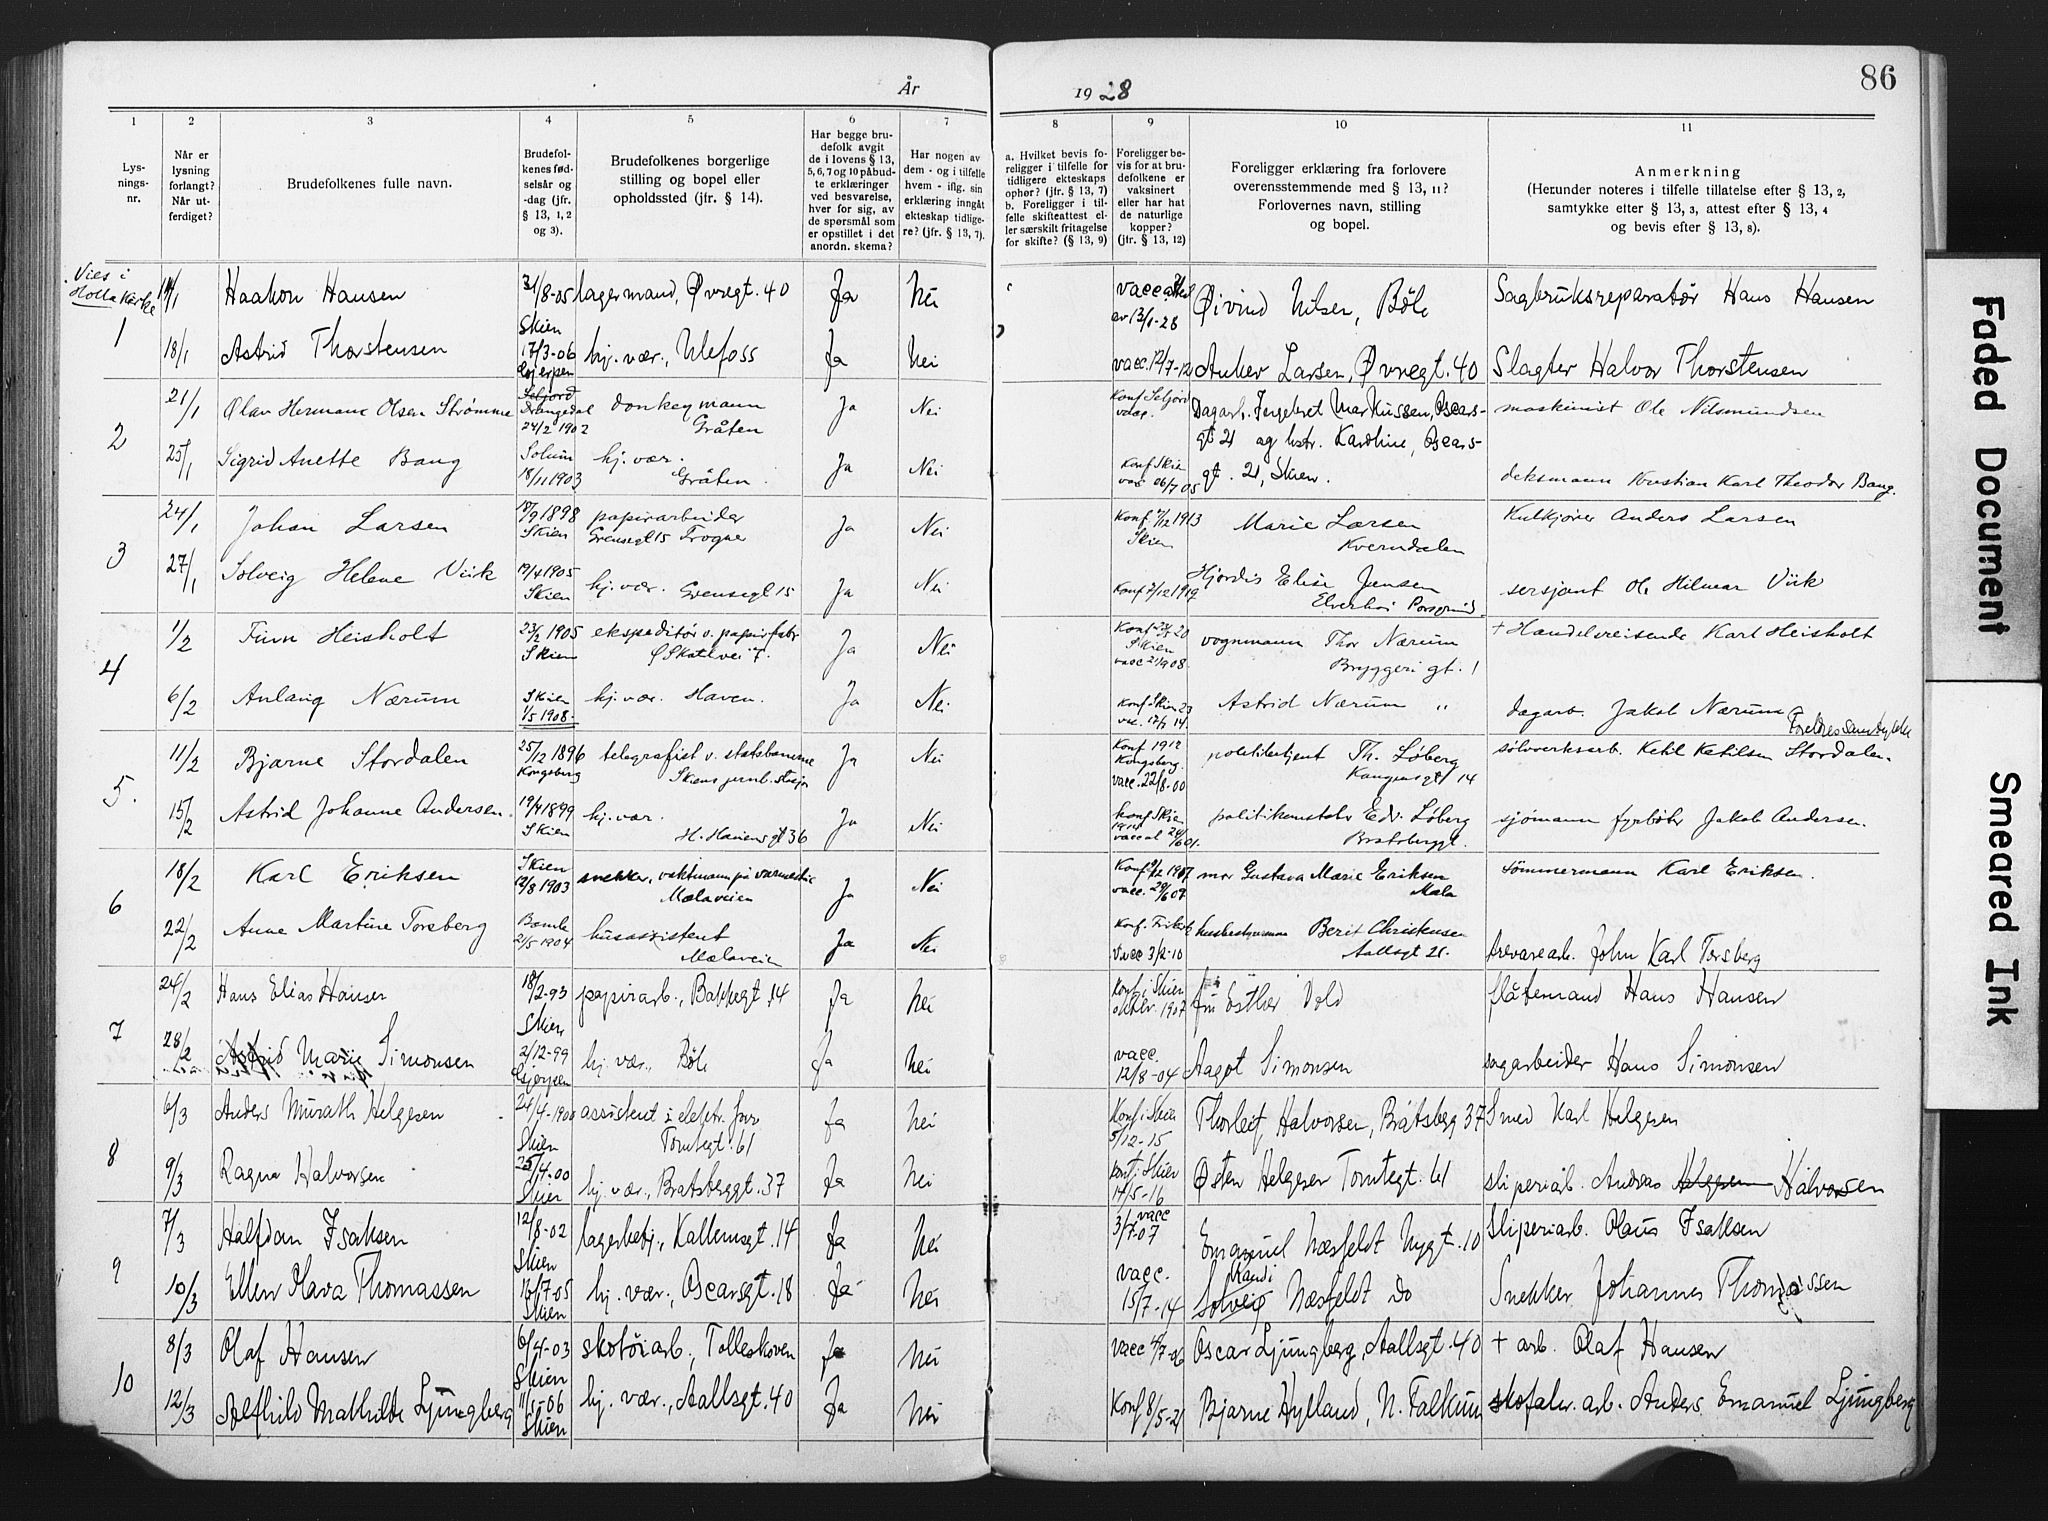 SAKO, Skien kirkebøker, H/Ha/L0001: Lysningsprotokoll nr. 1, 1919-1929, s. 86